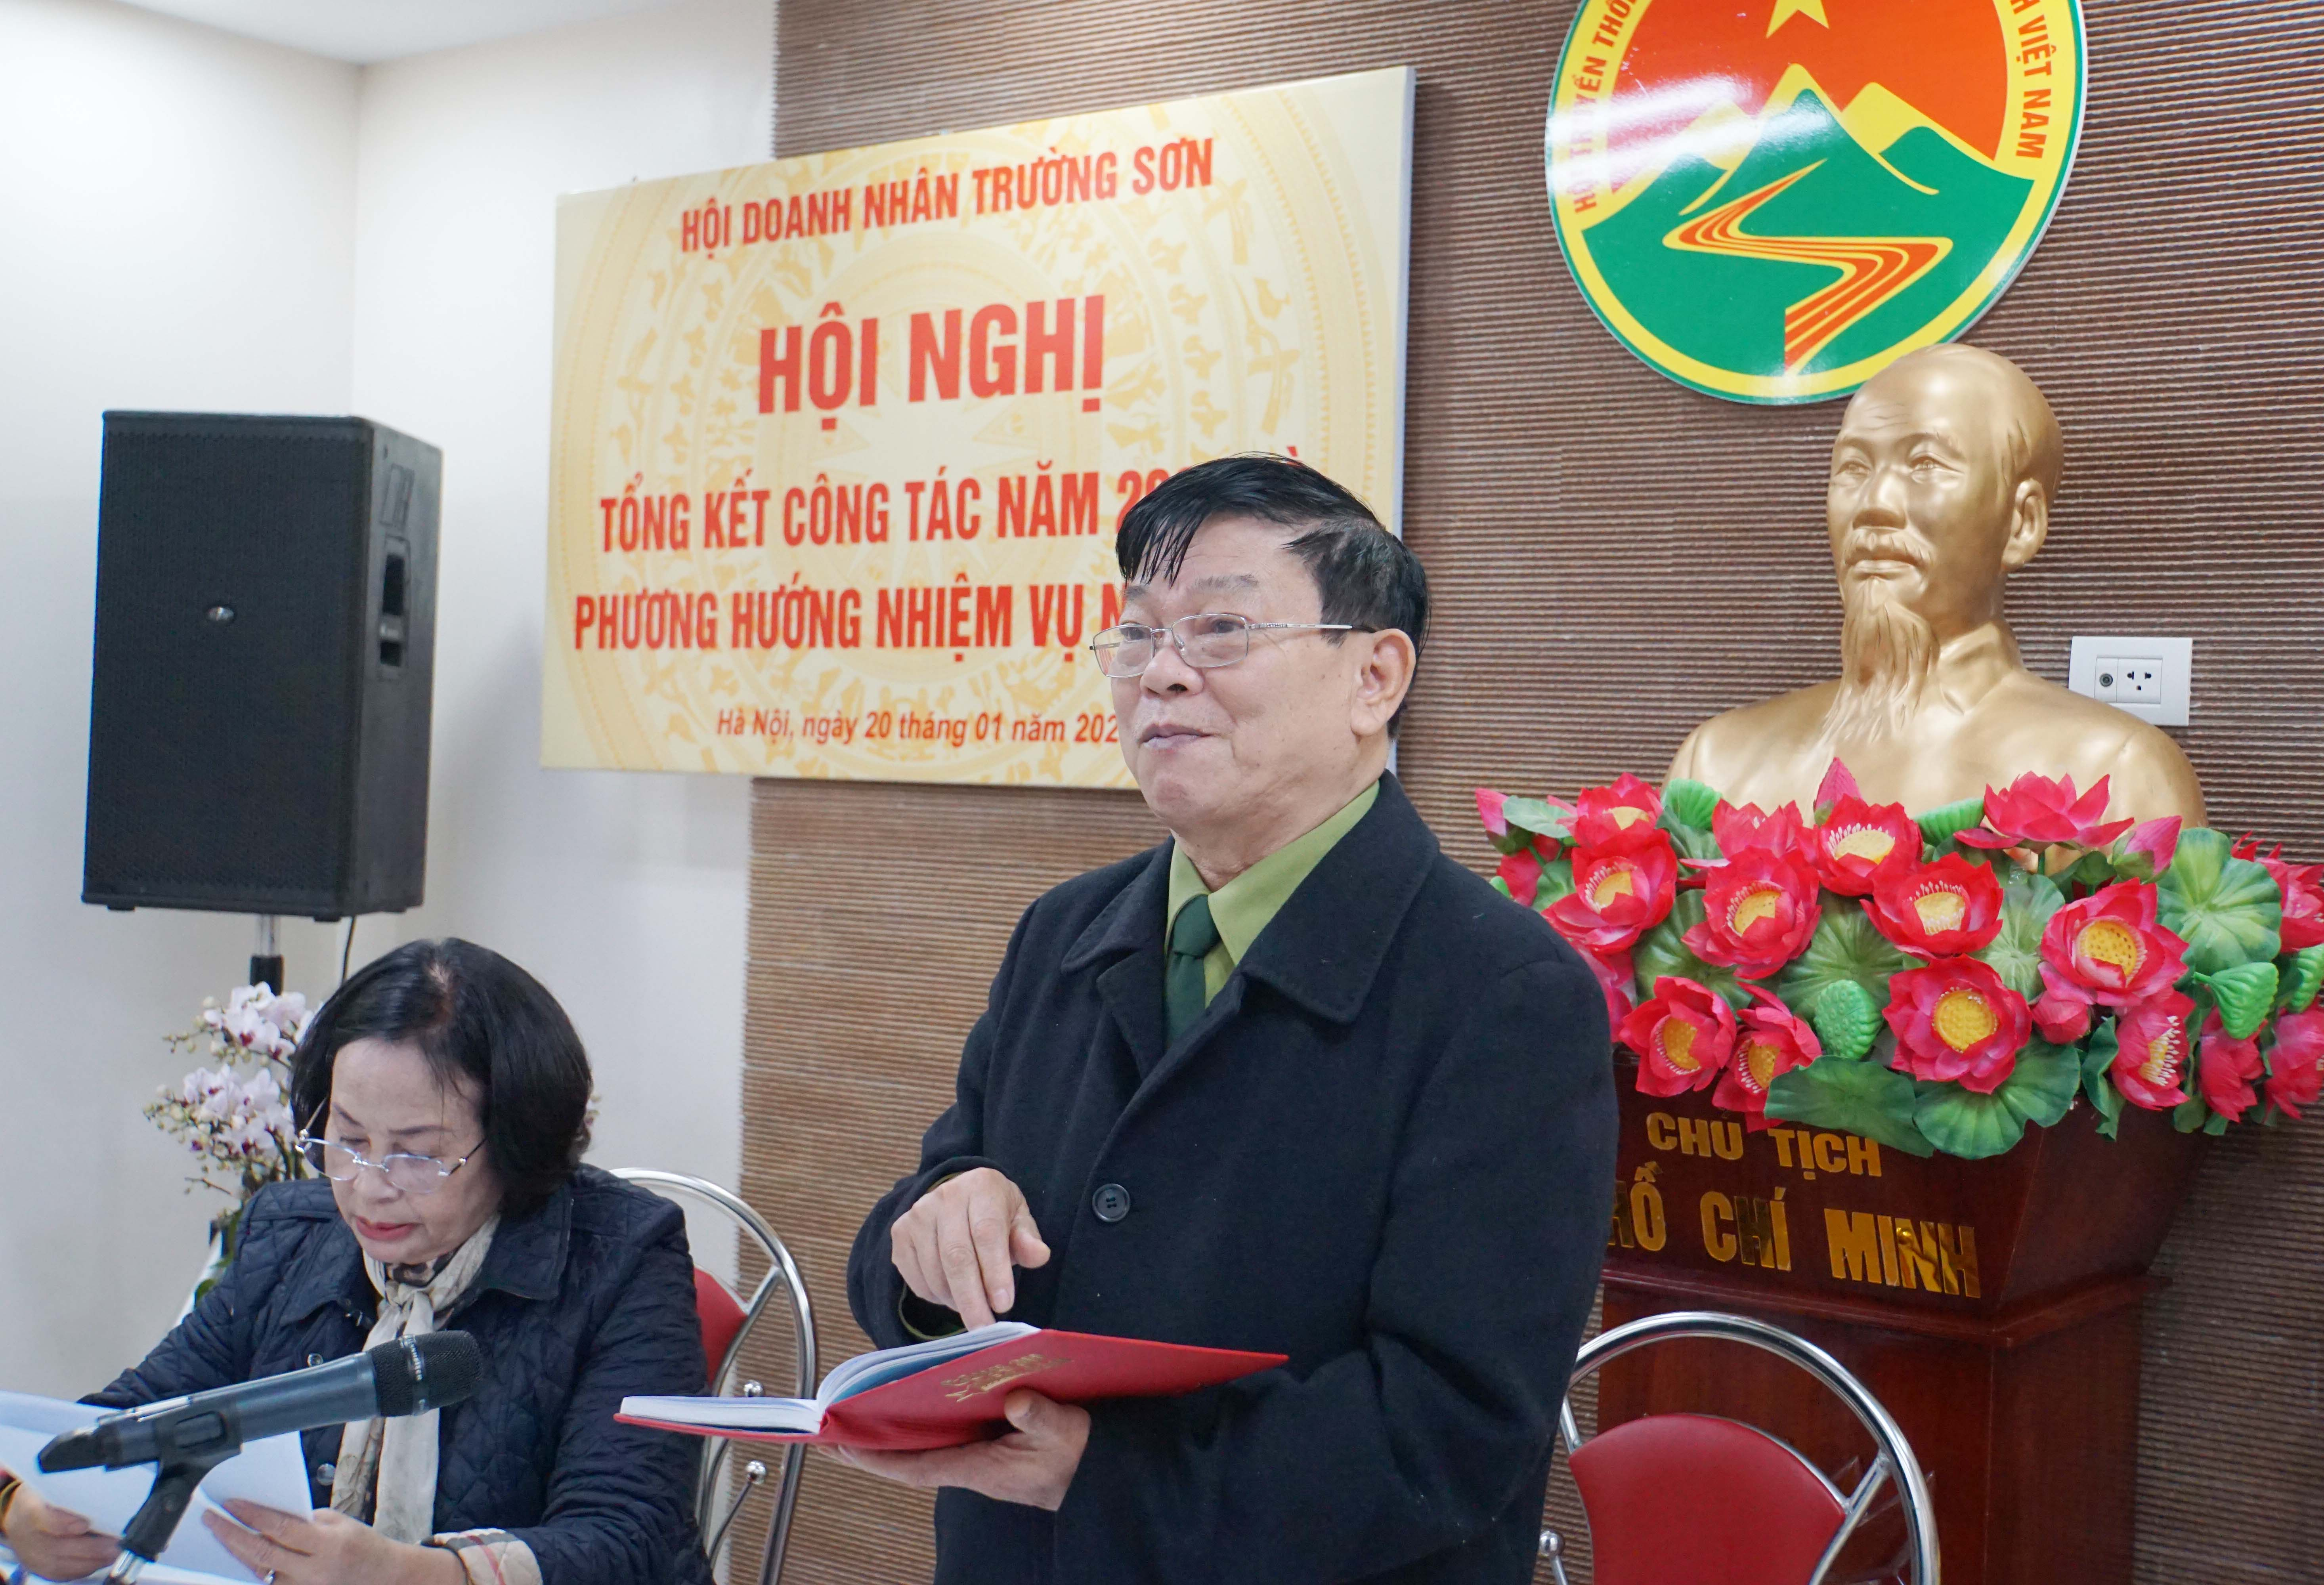 Hội nghị tổng kết công tác năm 2020 - Hội Doanh nhân Trường Sơn Việt Nam